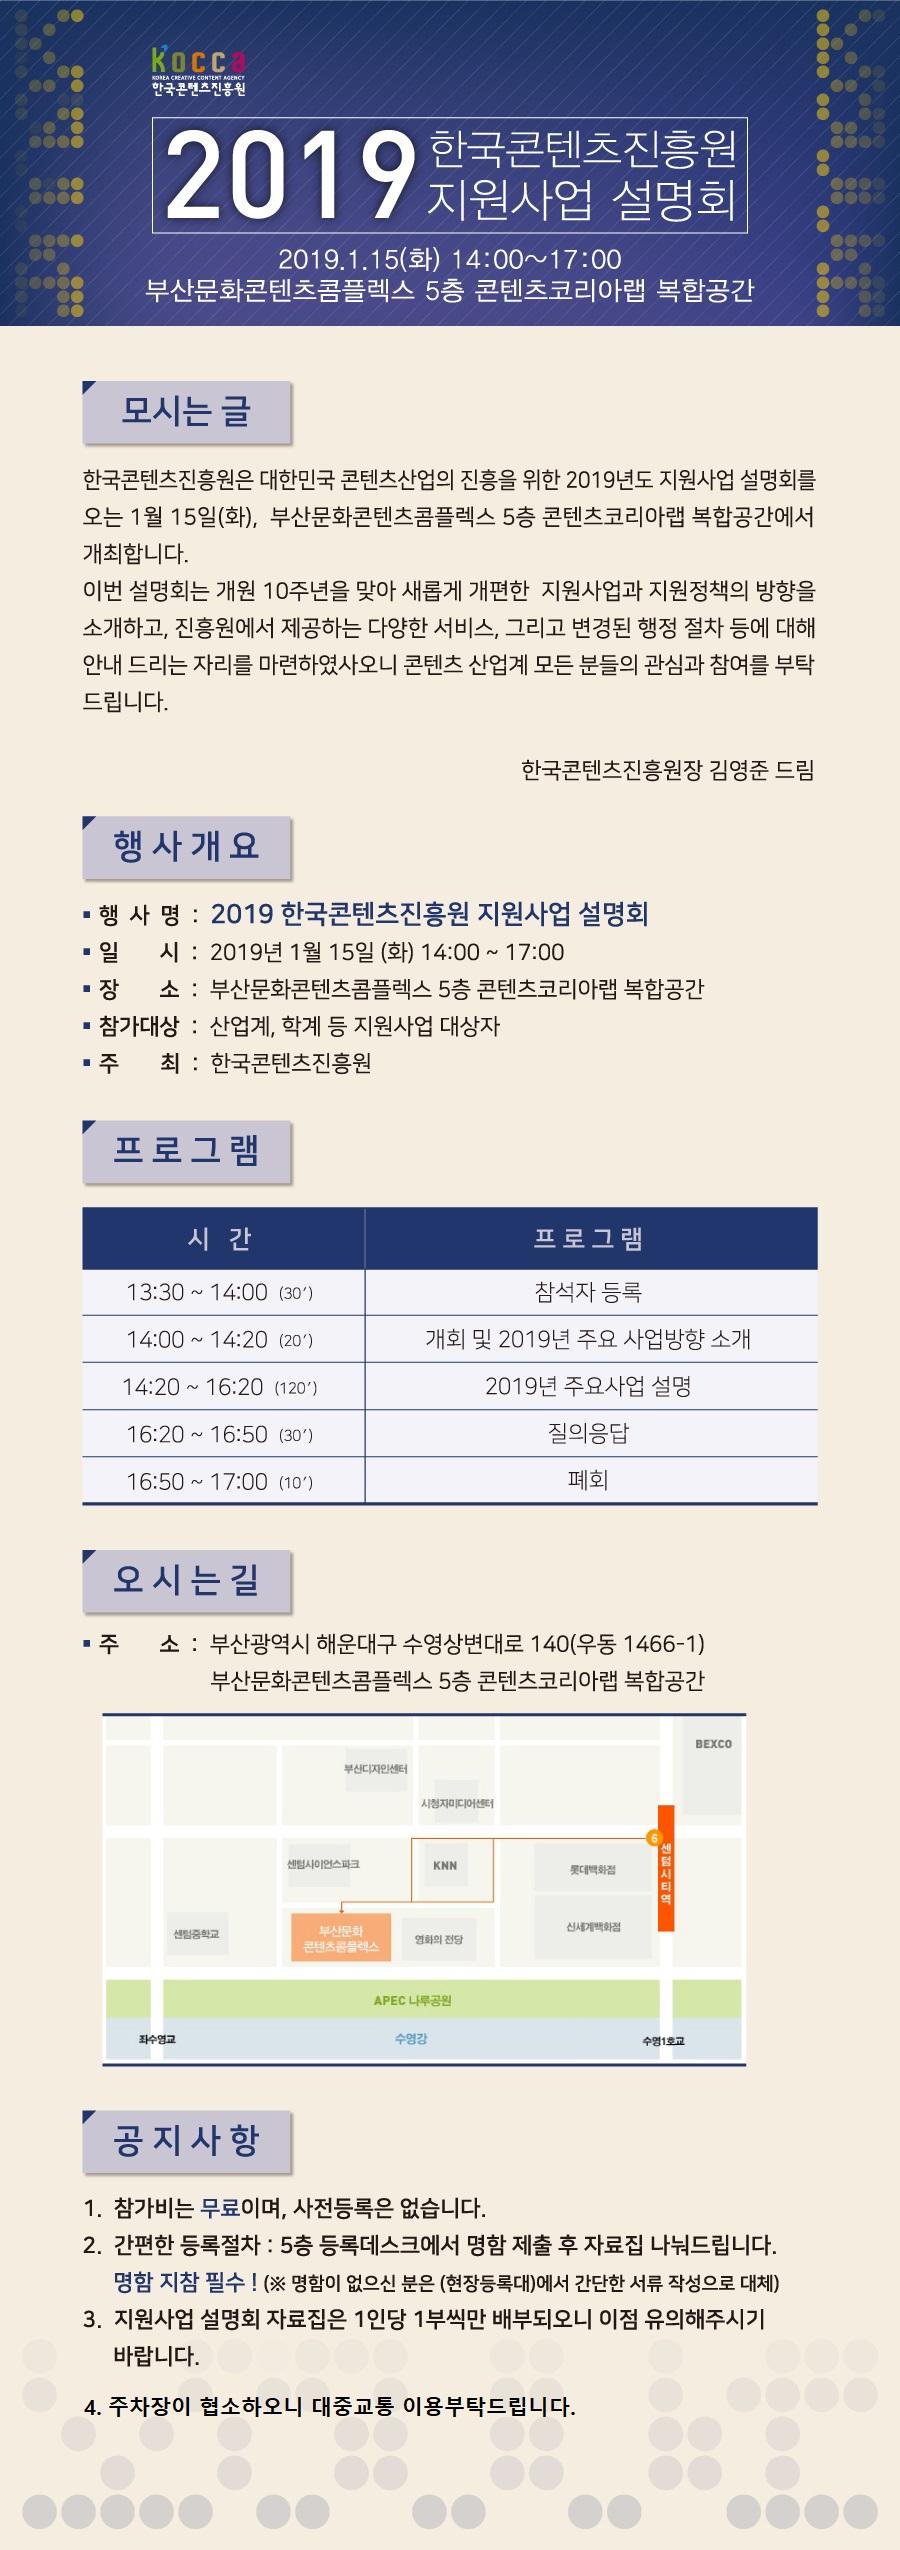 한국콘텐츠진흥원 지역순회 사업설명회 개최안내